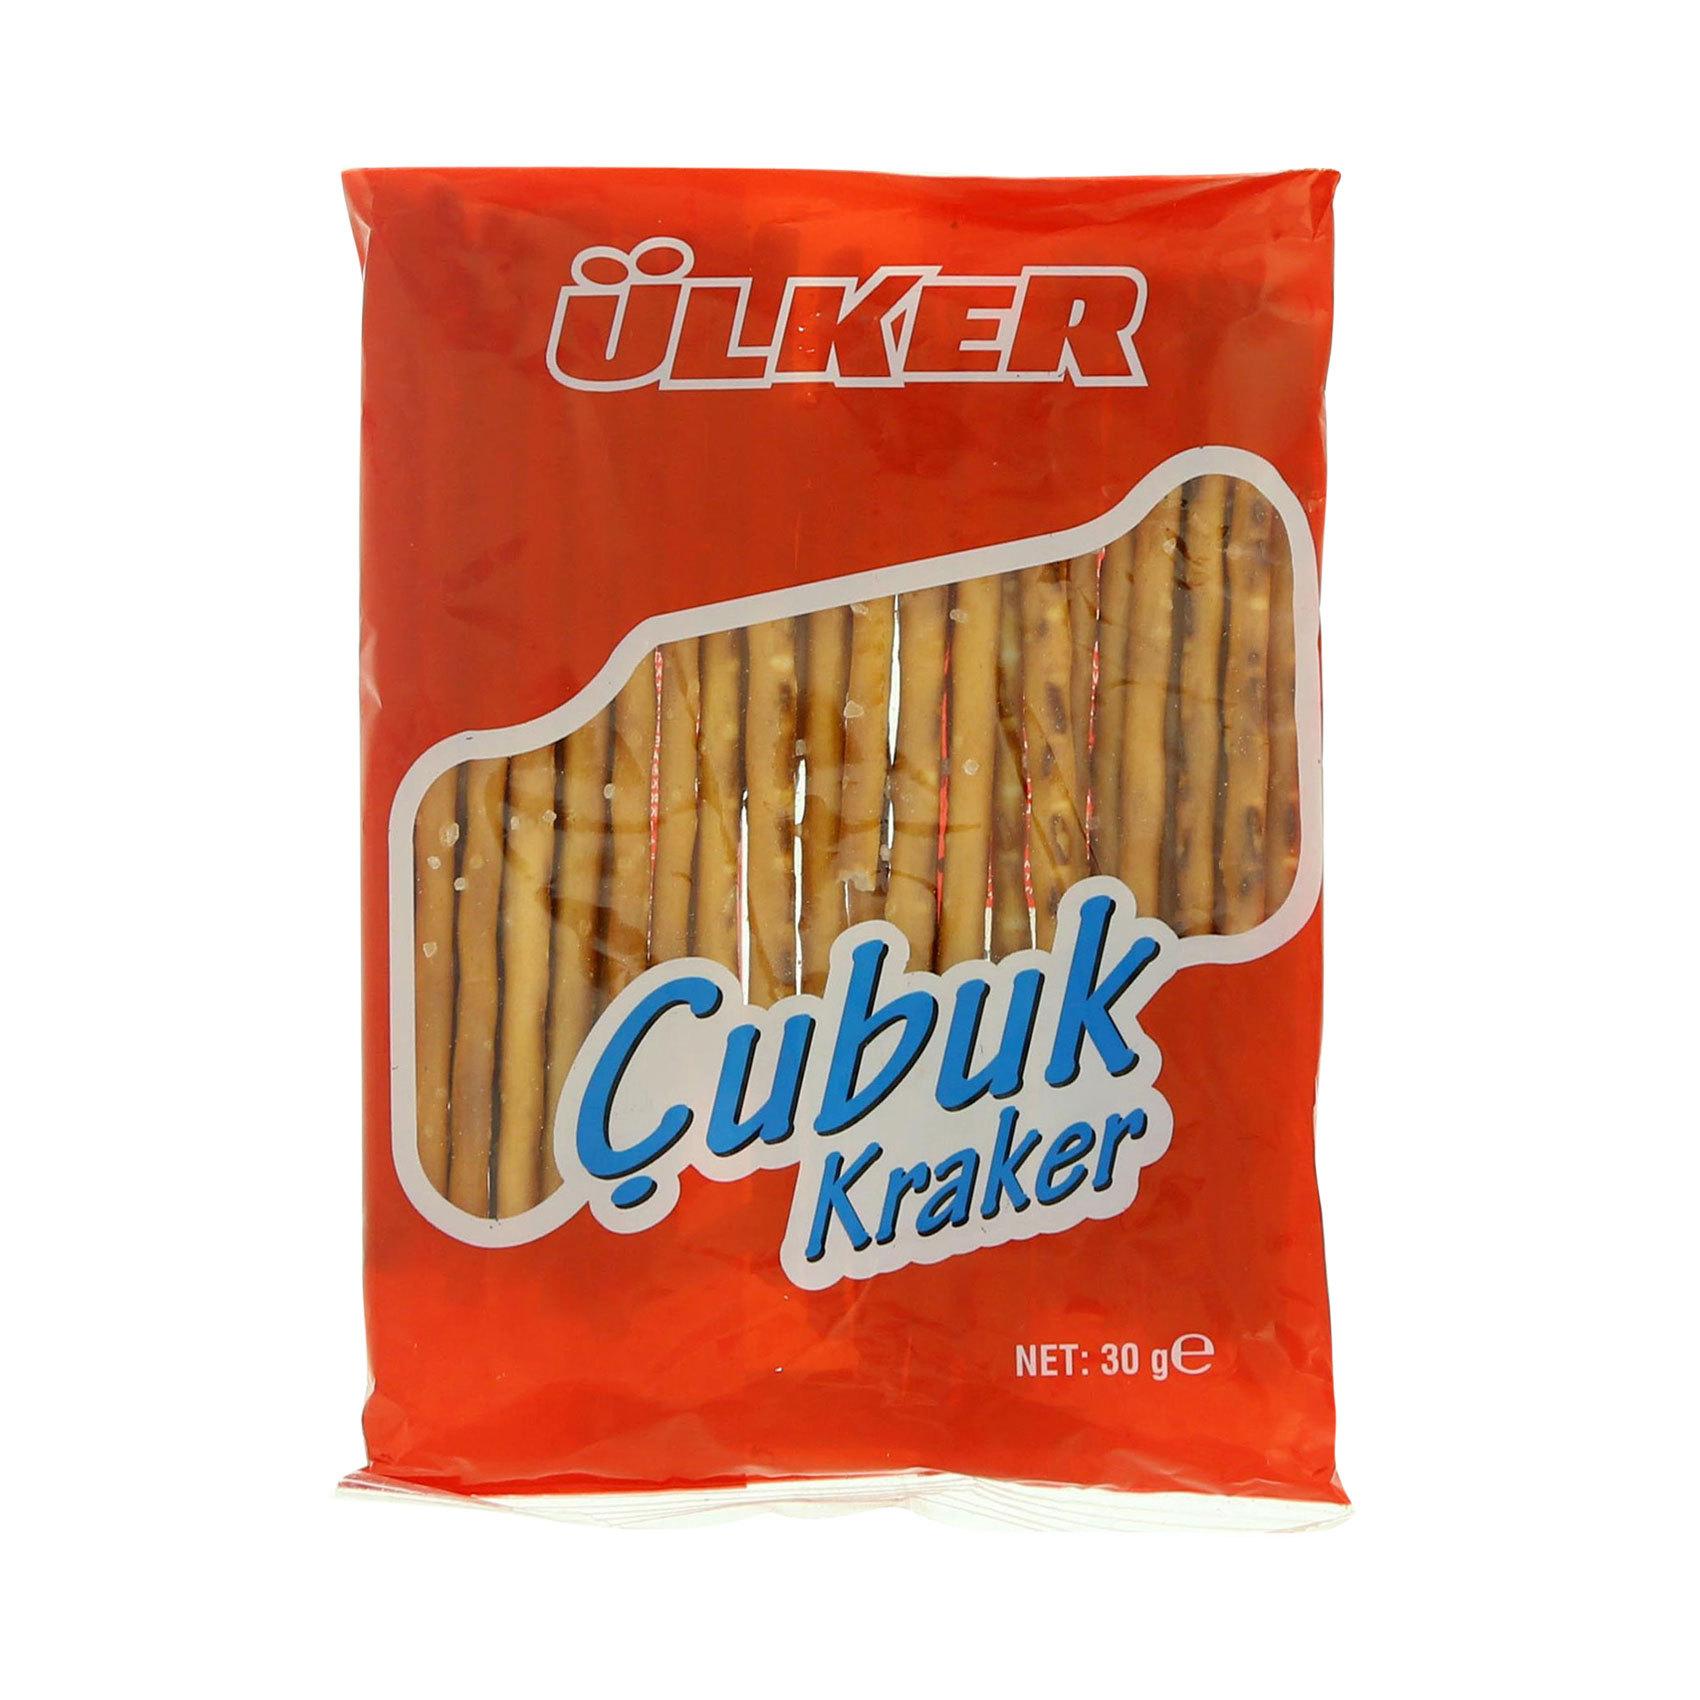 ULKER CUBUK STICK CRAKERS 30GR